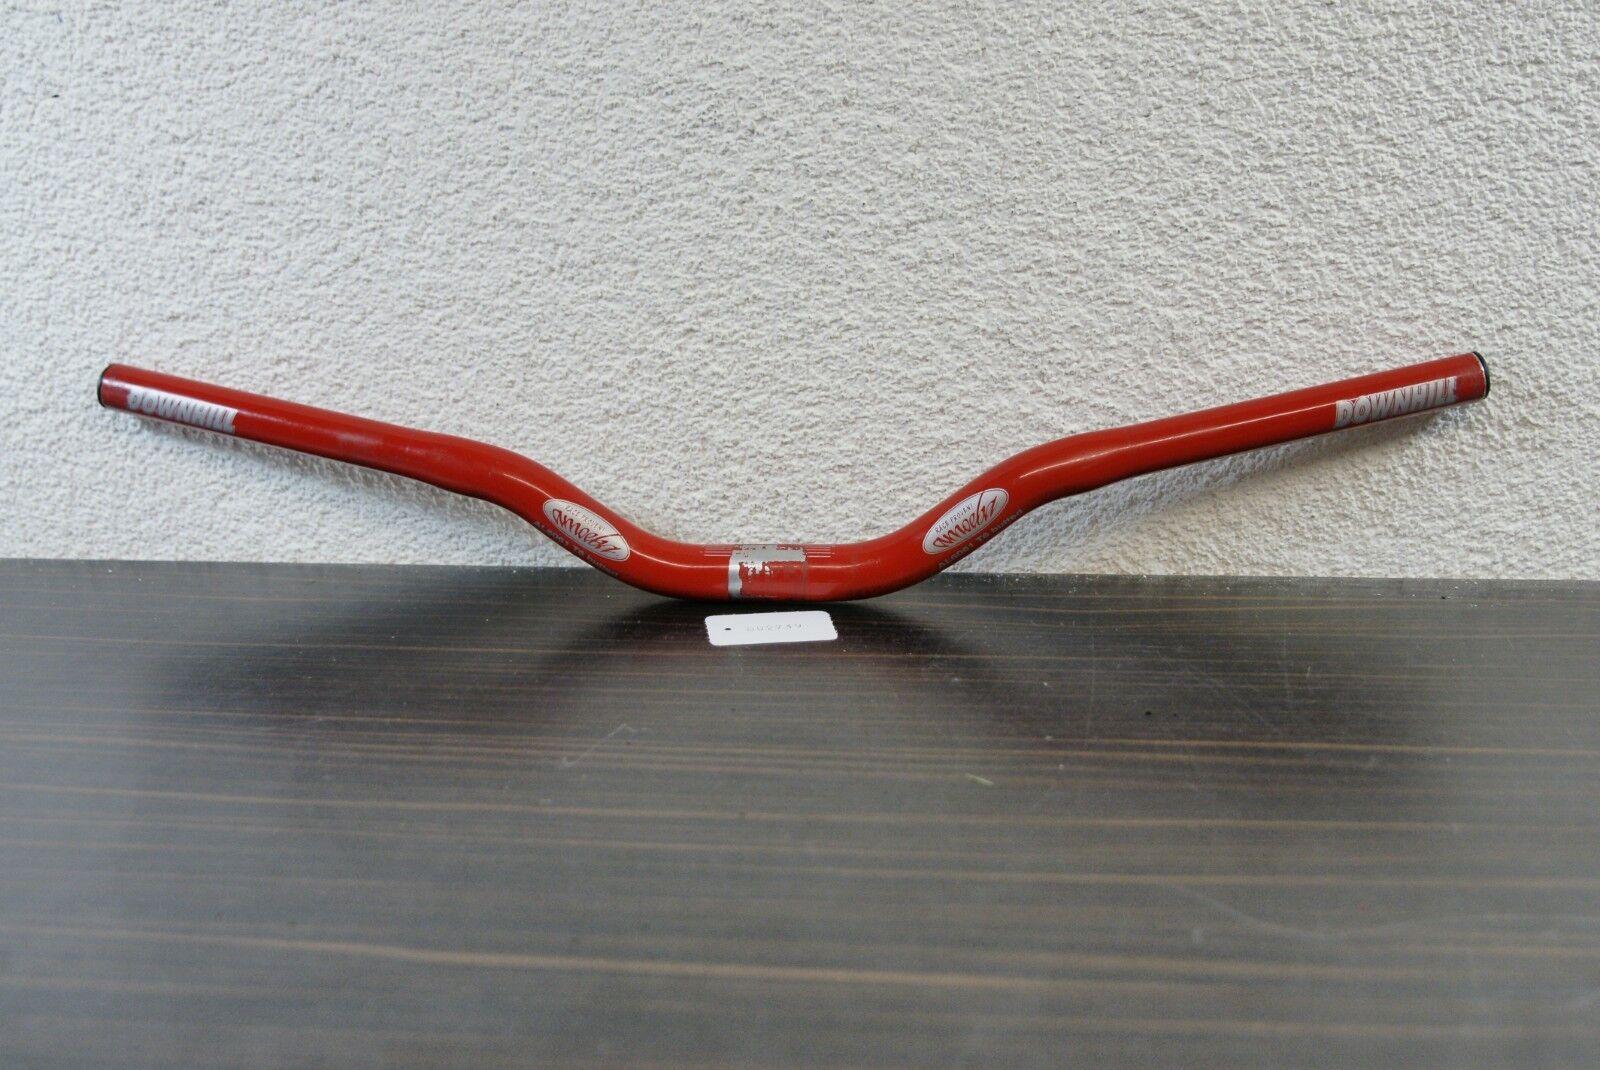 Amoeba Downhill Riser Rot Lenker 25,4mm Lenkerkl. 615mm Breite Kult Retro